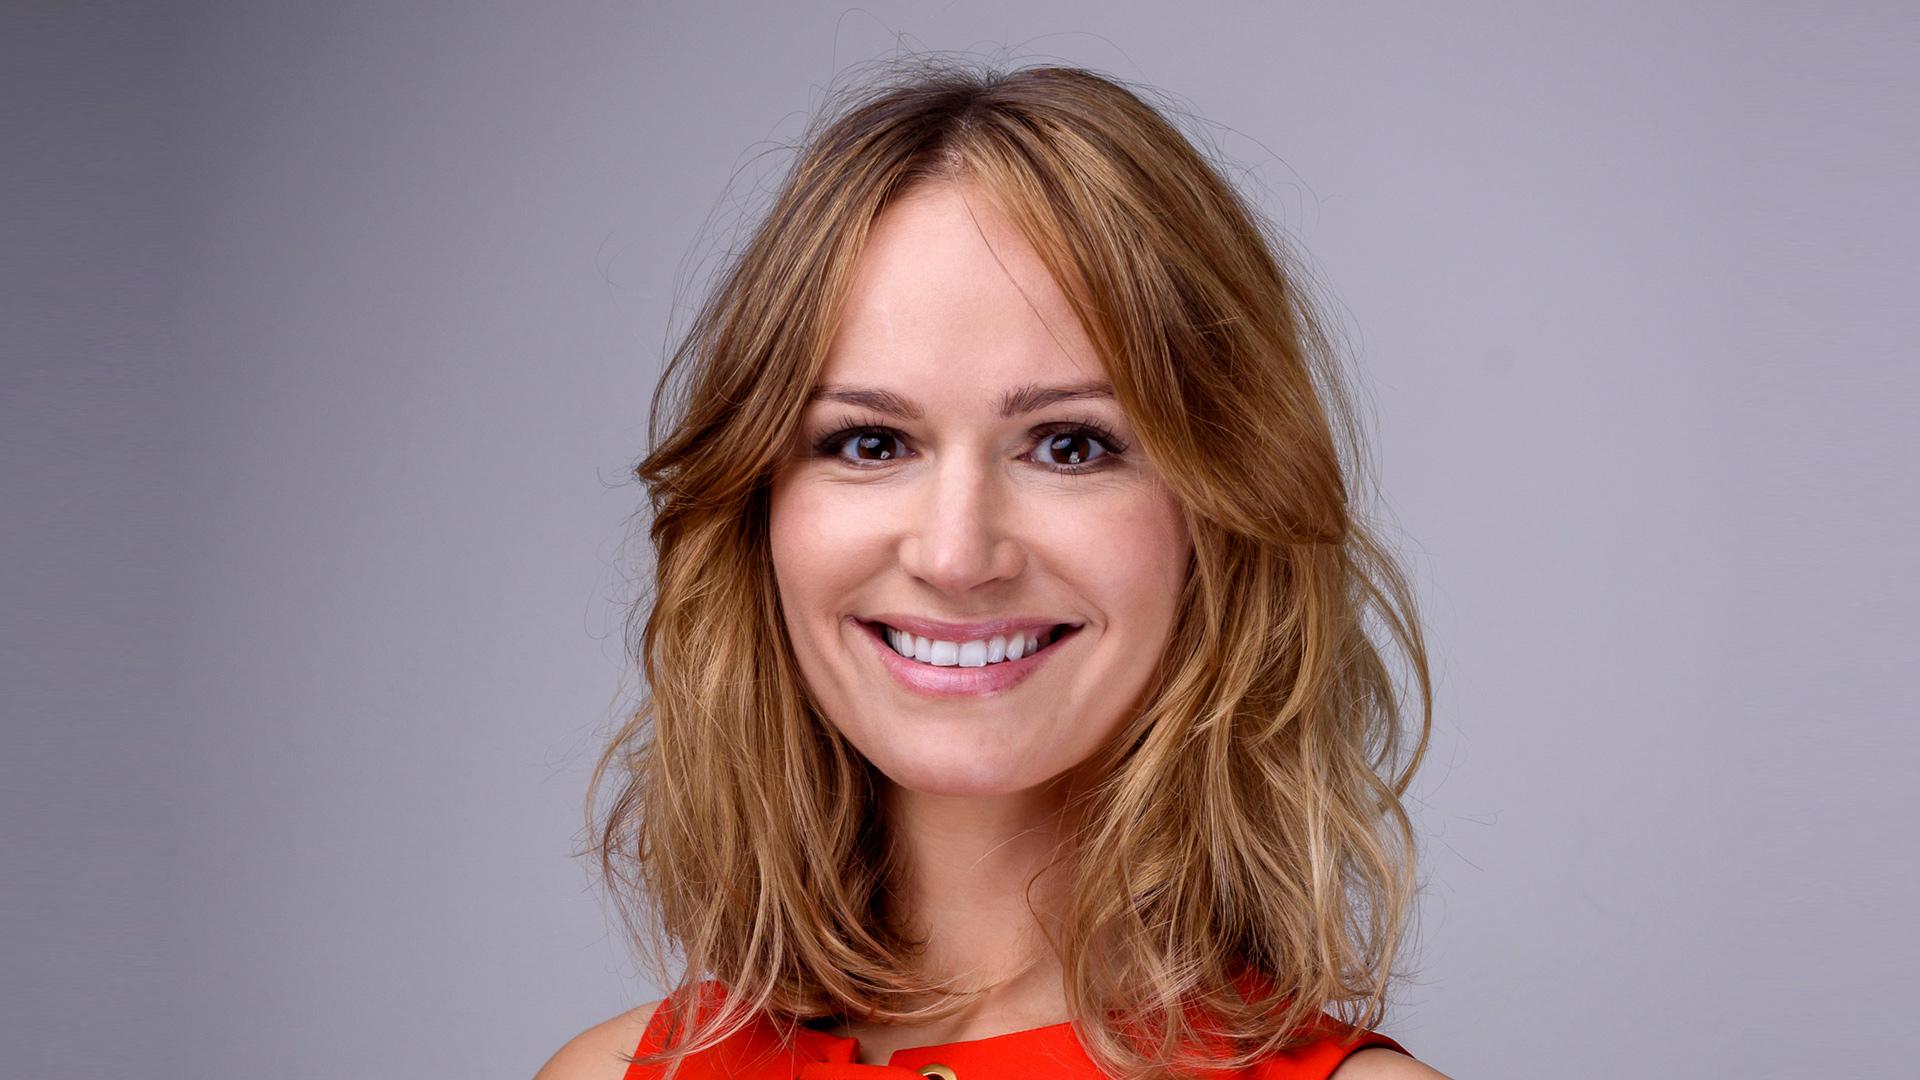 Jessica Bronckhorst